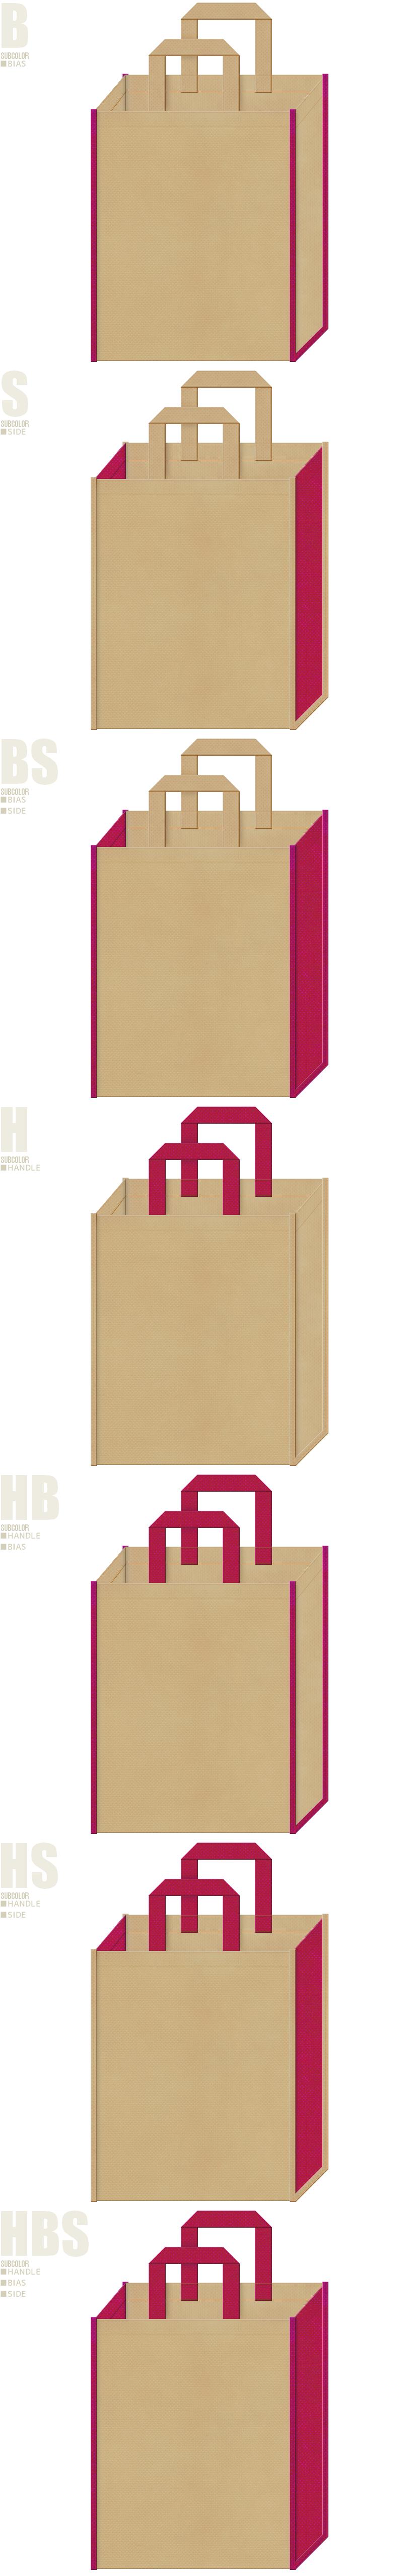 カーキ色と濃いピンク色、7パターンの不織布トートバッグ配色デザイン例。トロピカルな不織布バッグにお奨めです。